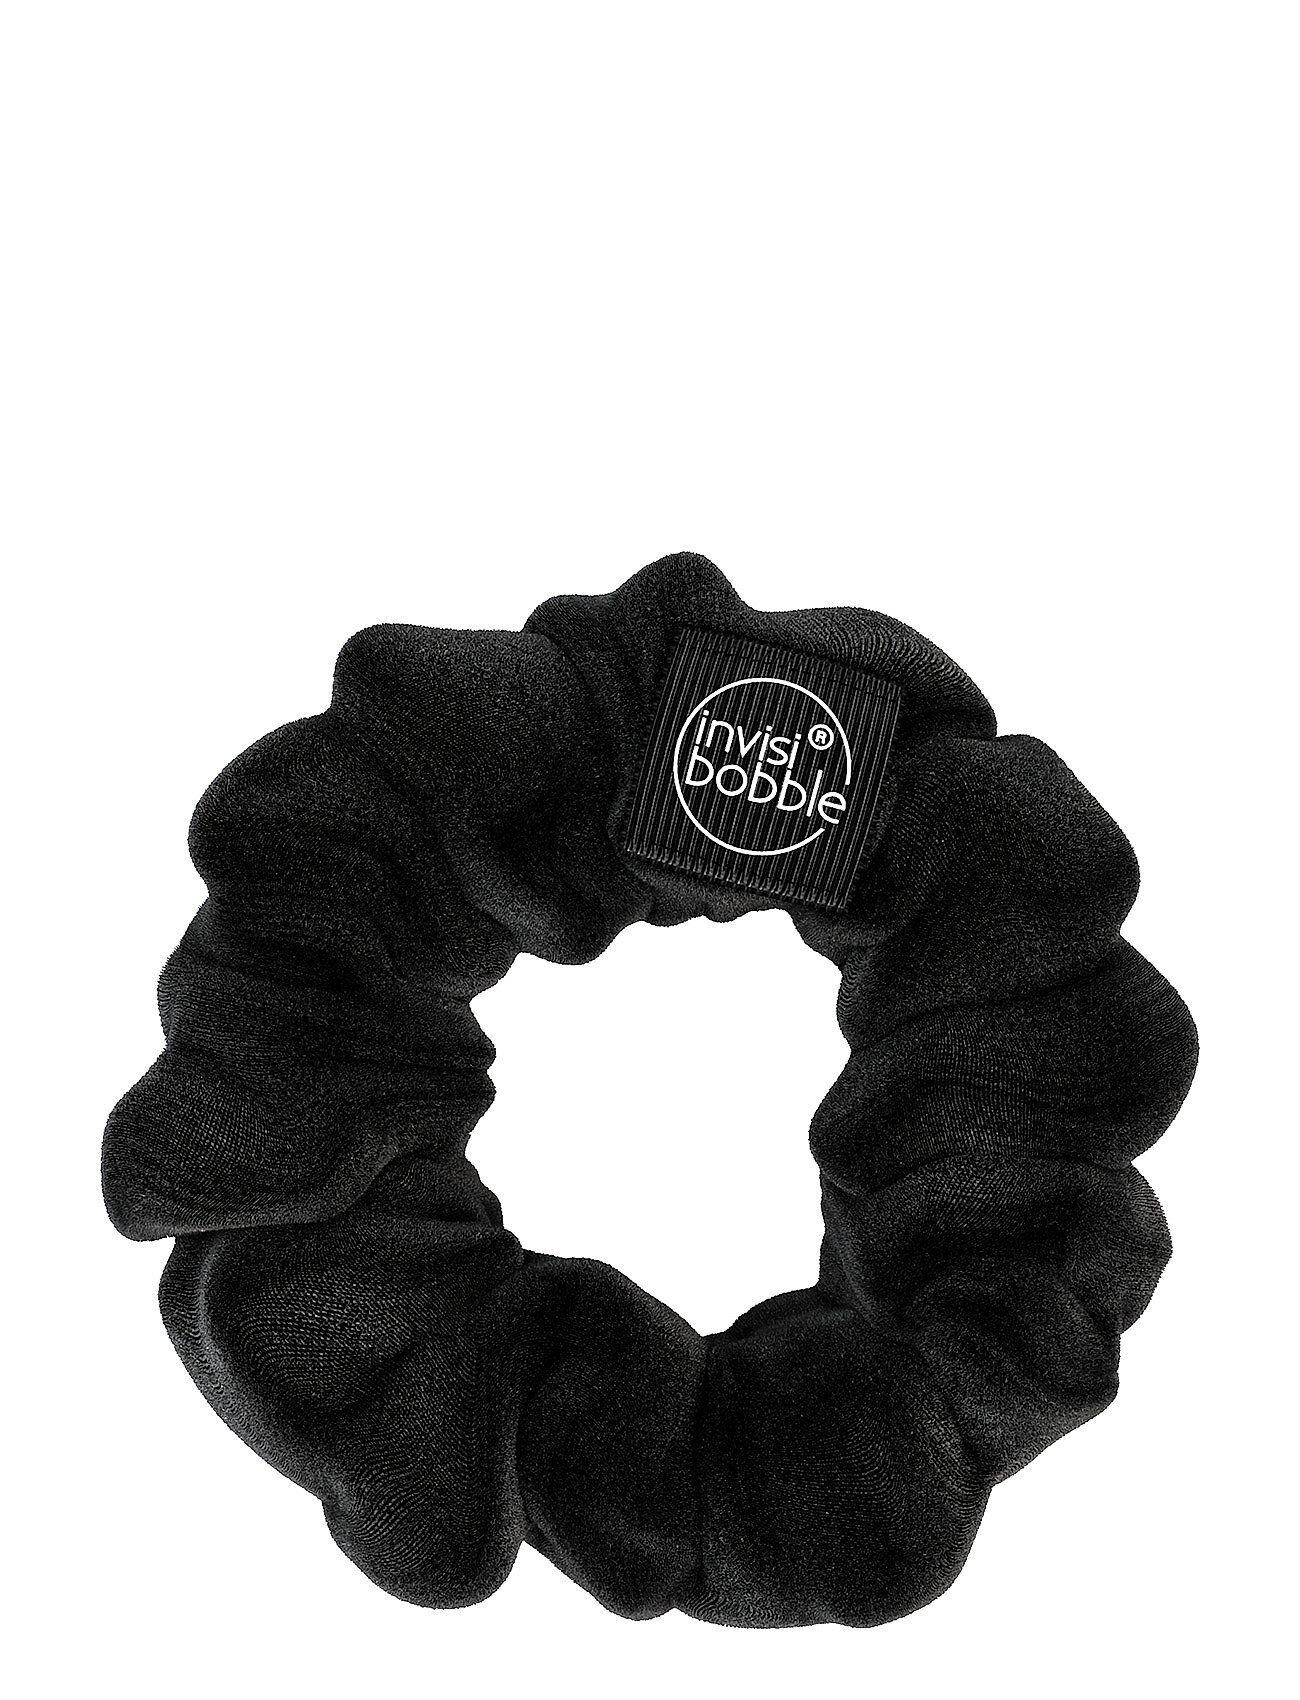 Image of Invisibobble Sprunchie True Black Accessories Hair Hair Accessories Musta Invisibobble